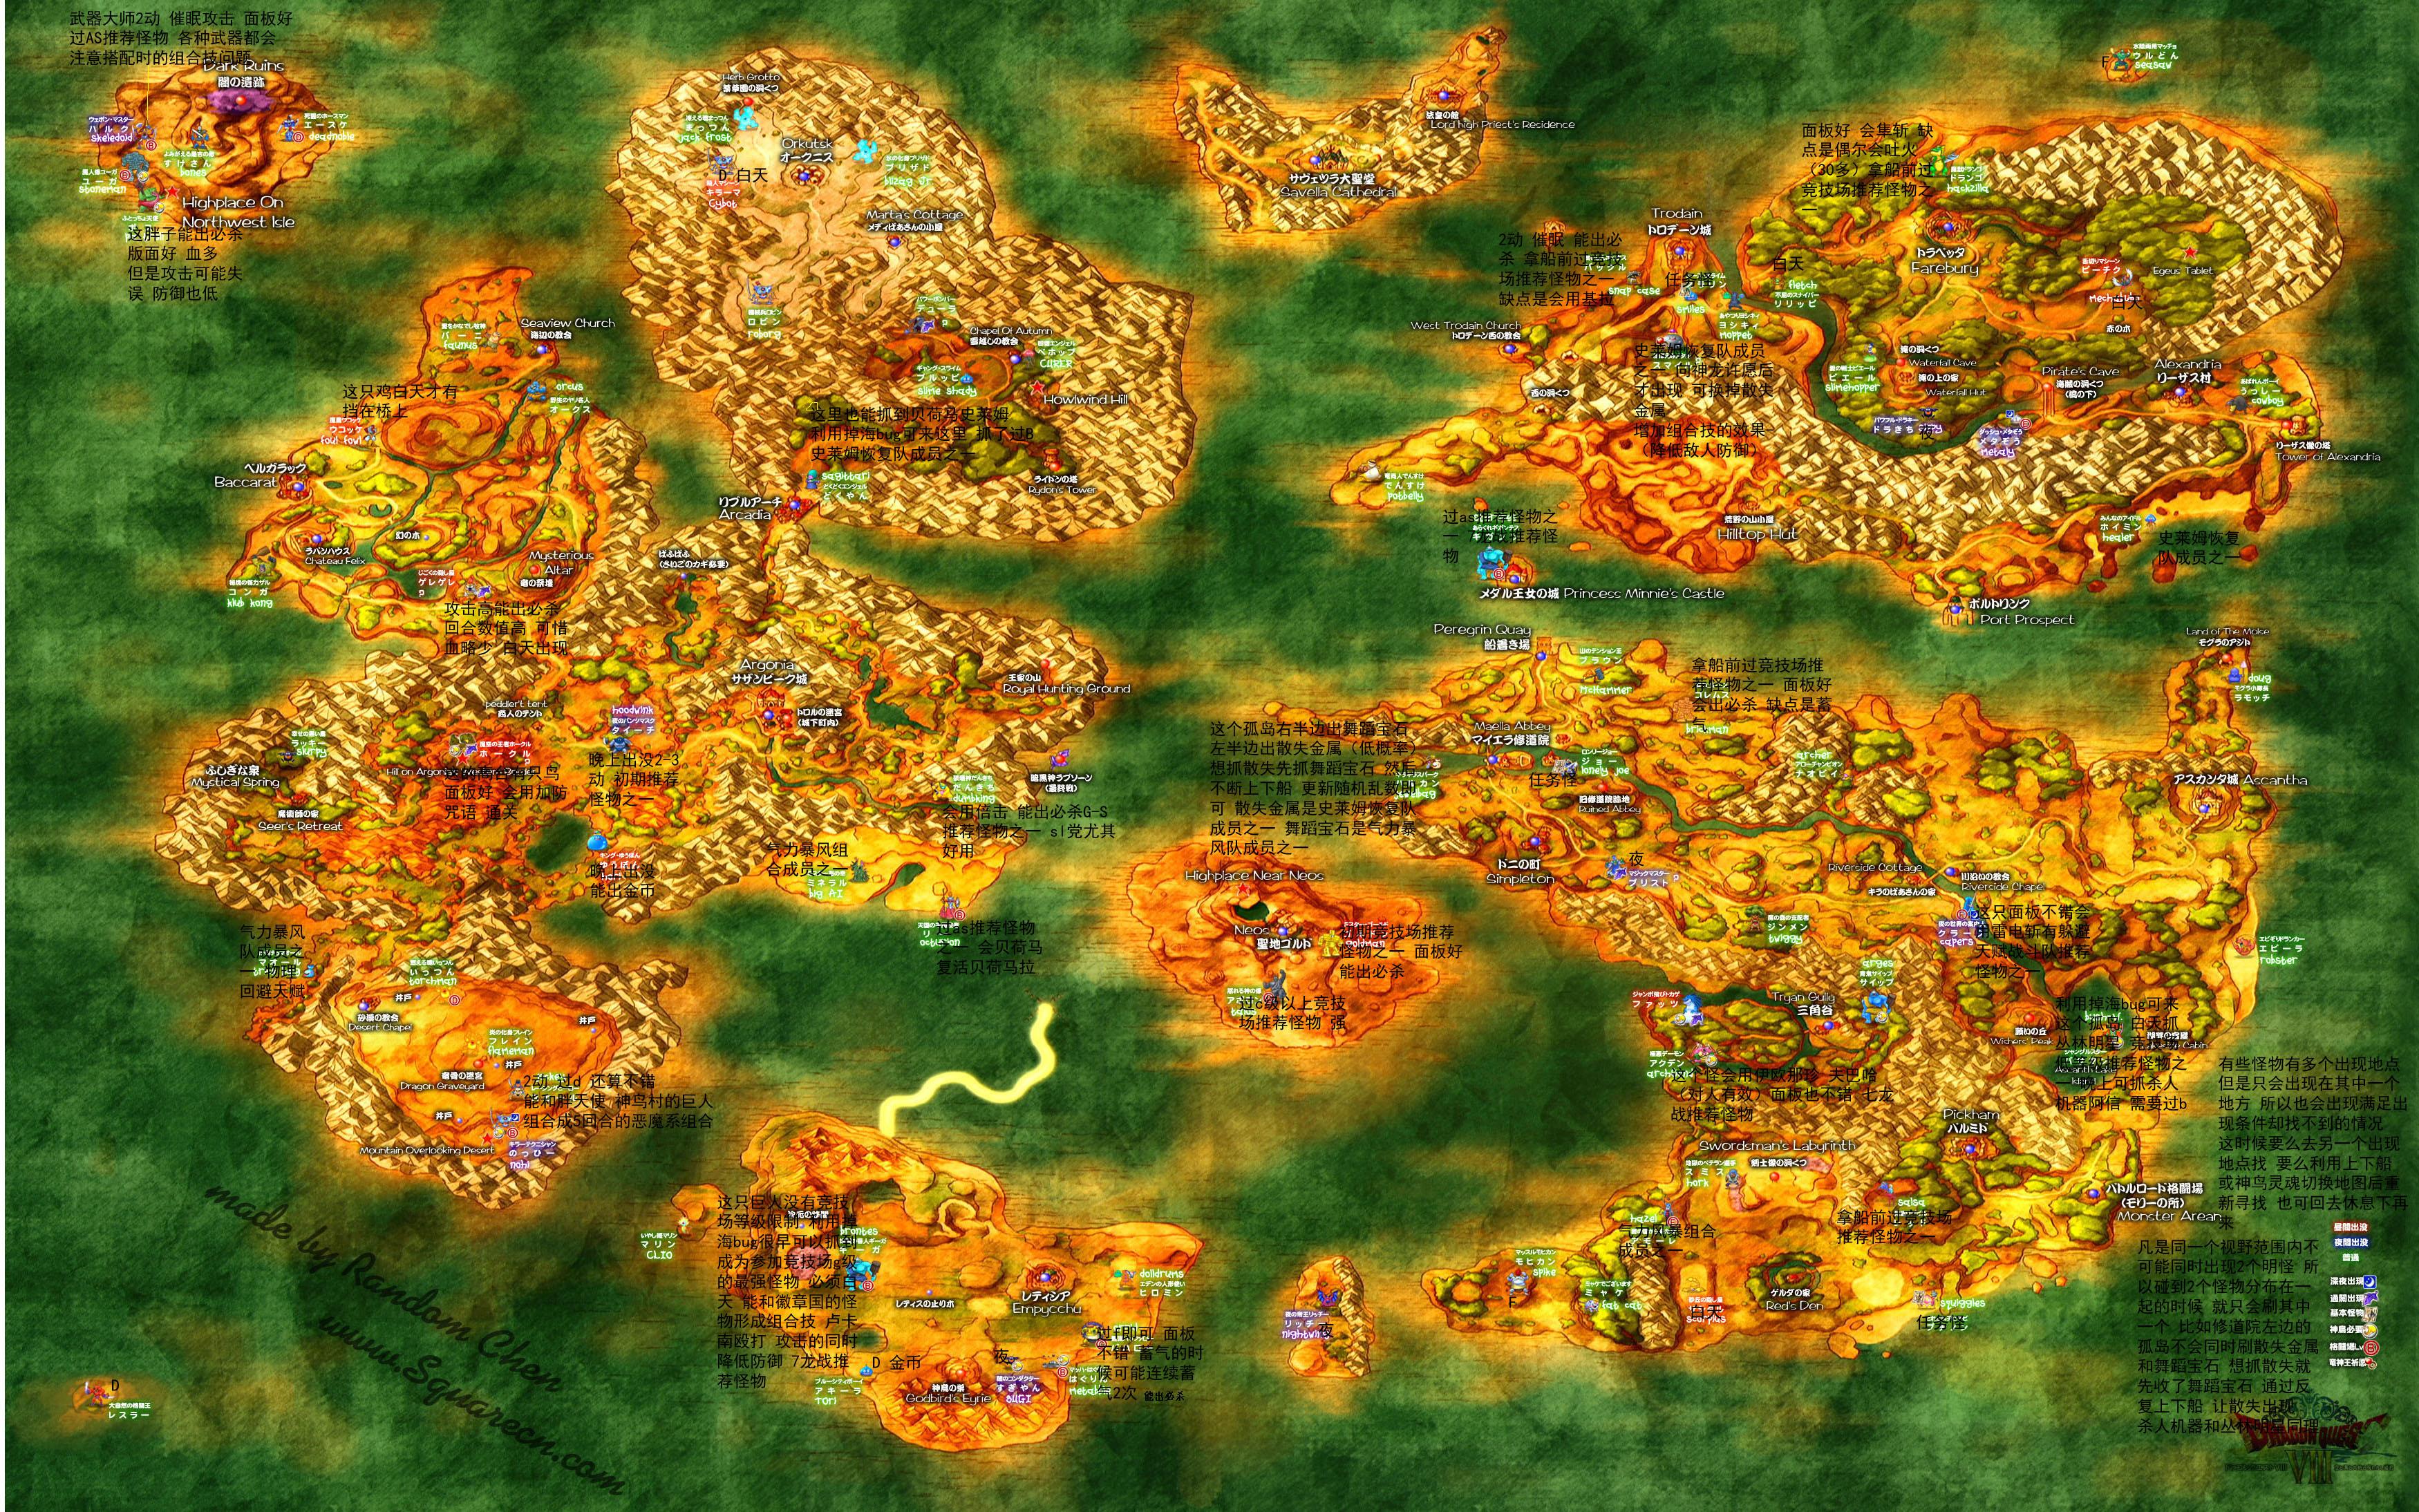 澳洲 地图 中文 版